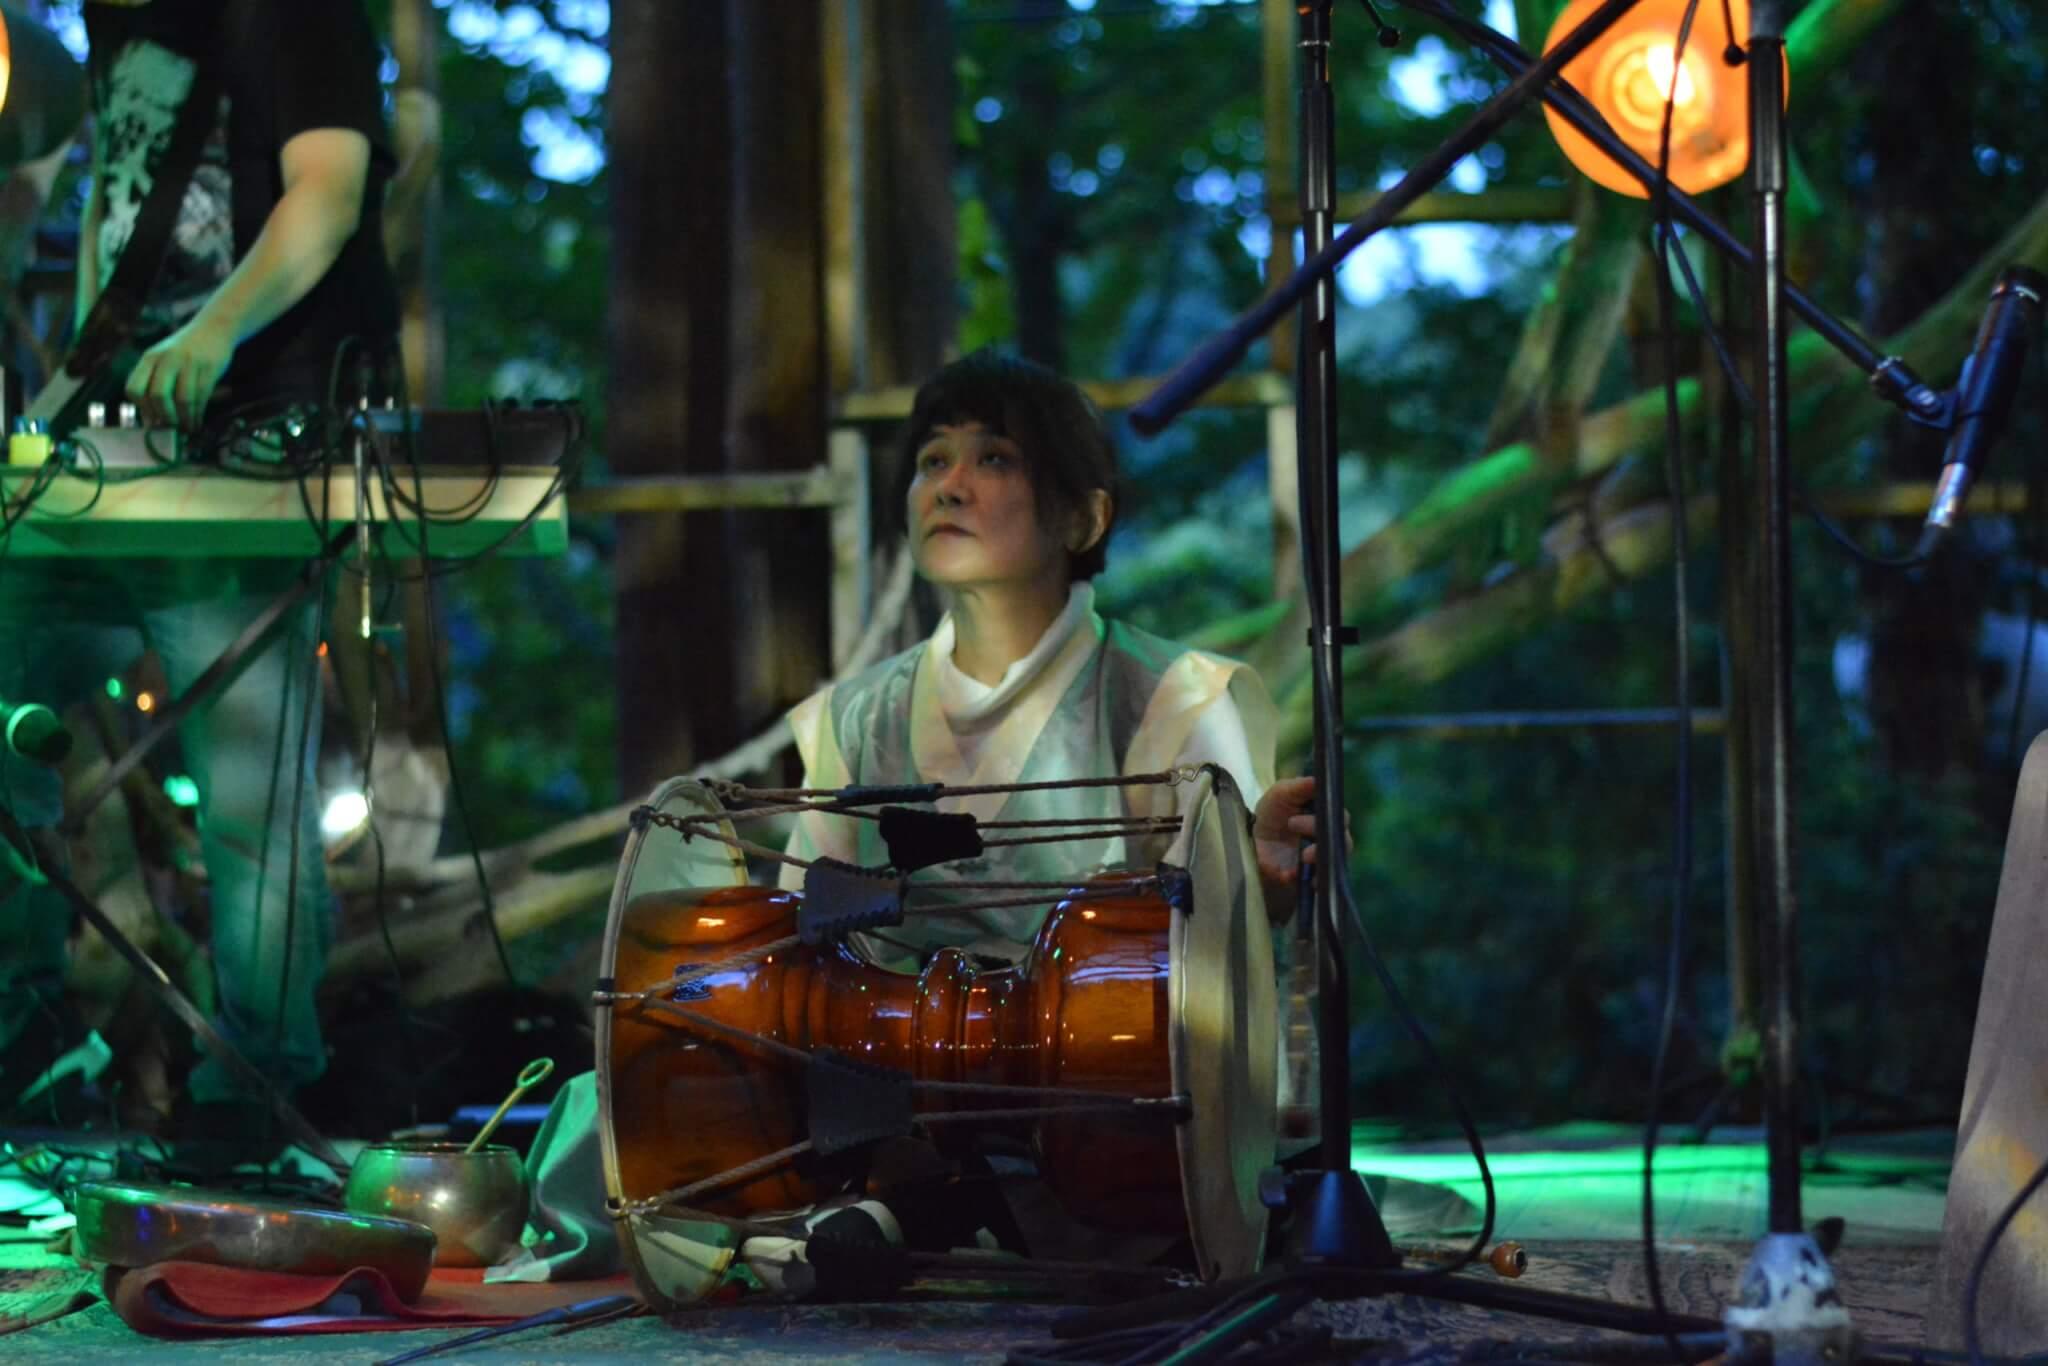 田正彦さんとハバナムーンヘッダー画像